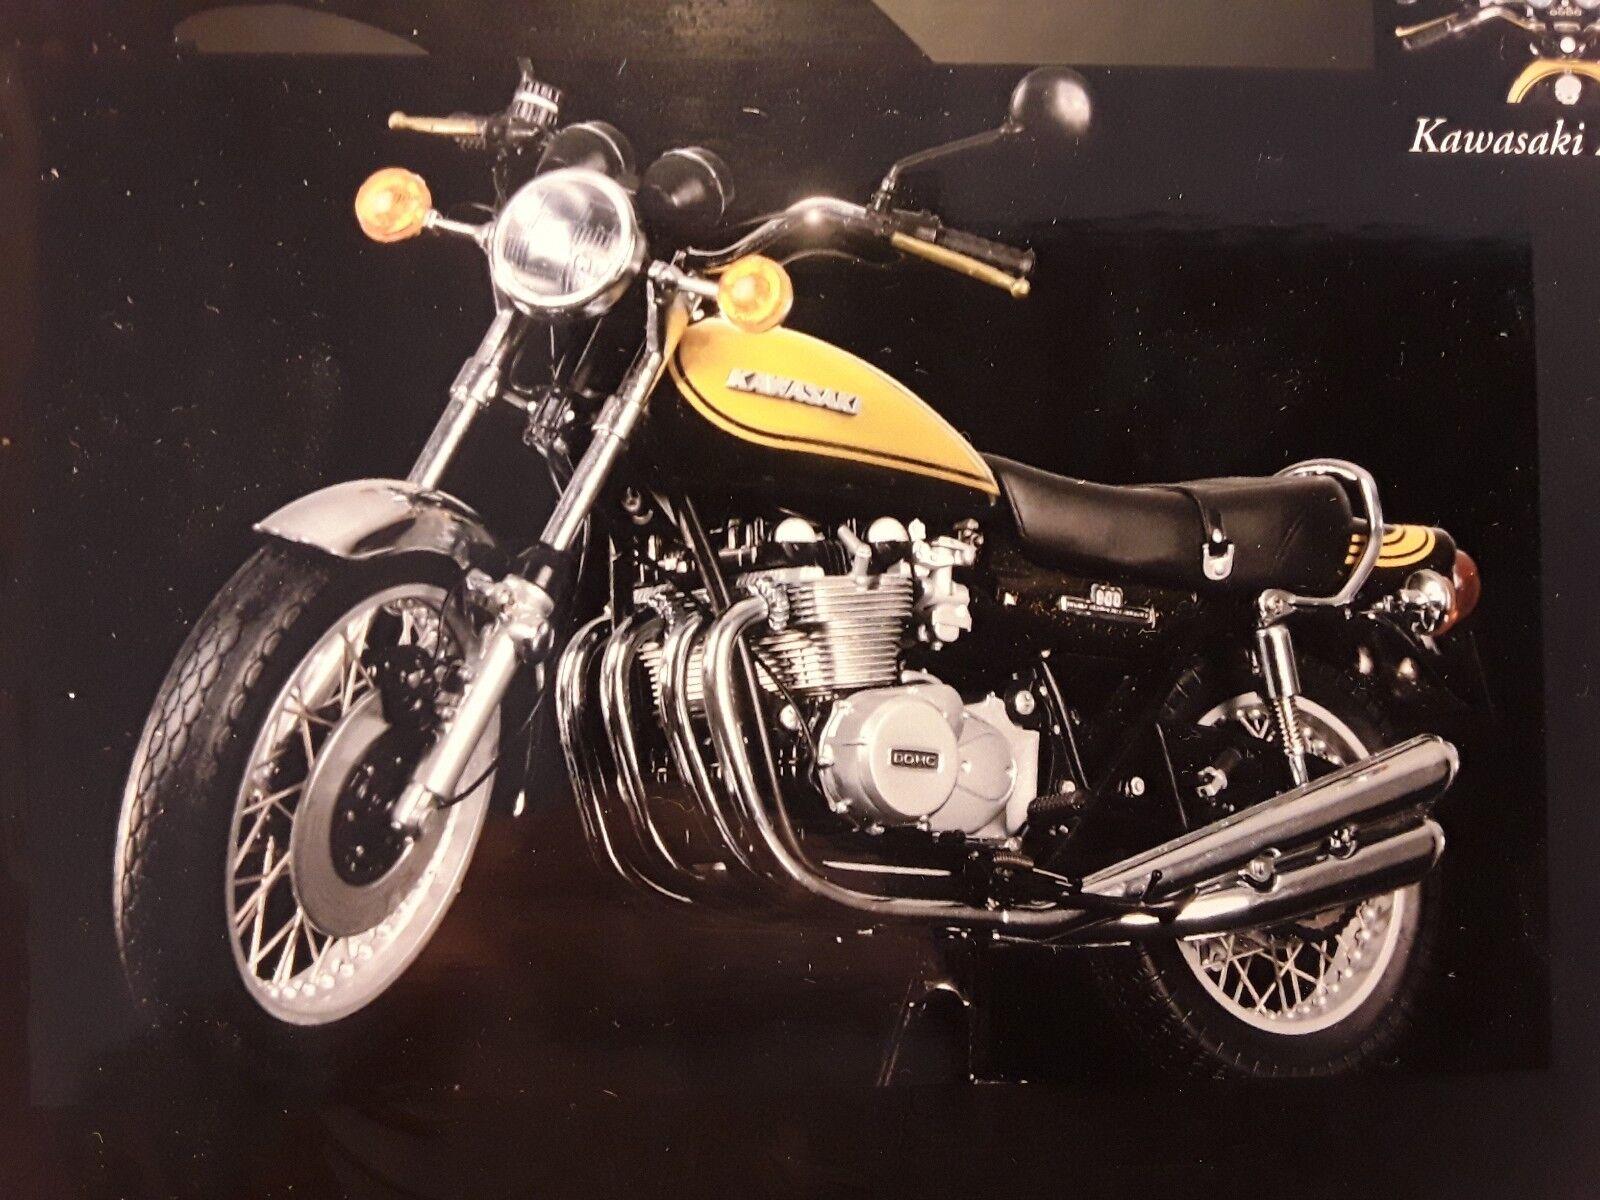 Kawasaki z1 900 SUPER 4  Candy vert jaune  1 12 MINICHAMPS 122164101